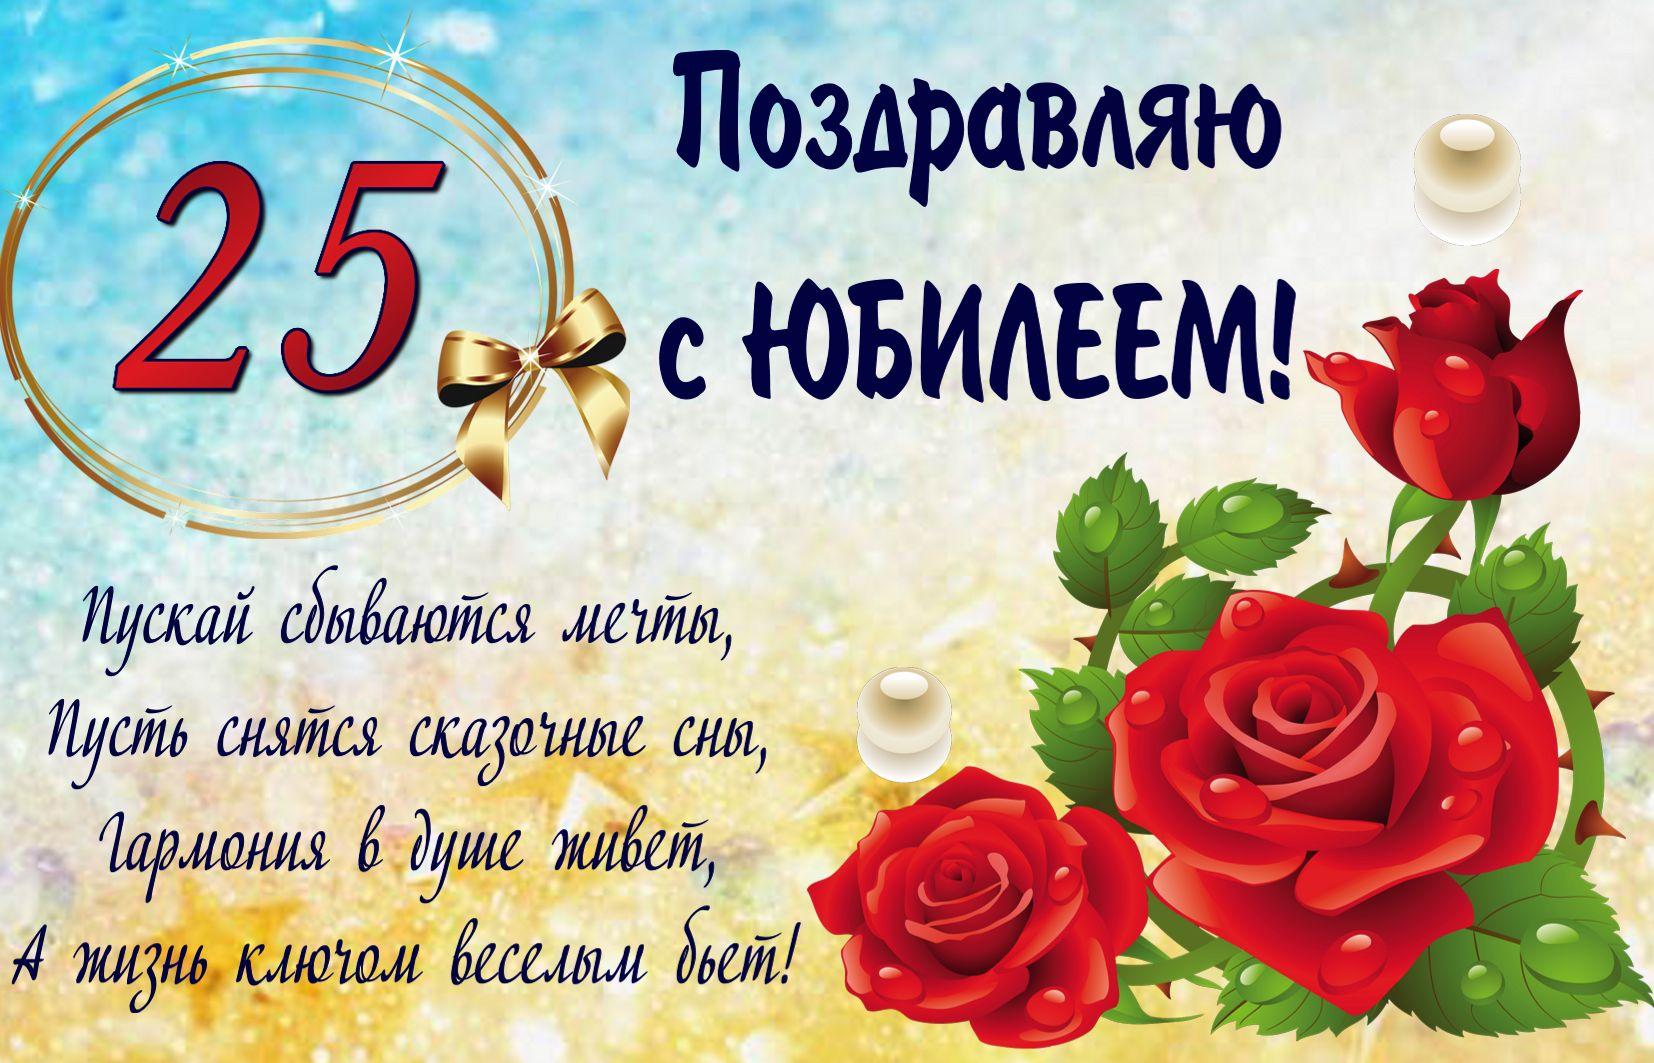 Открытка - красная роза и пожелание к юбилею